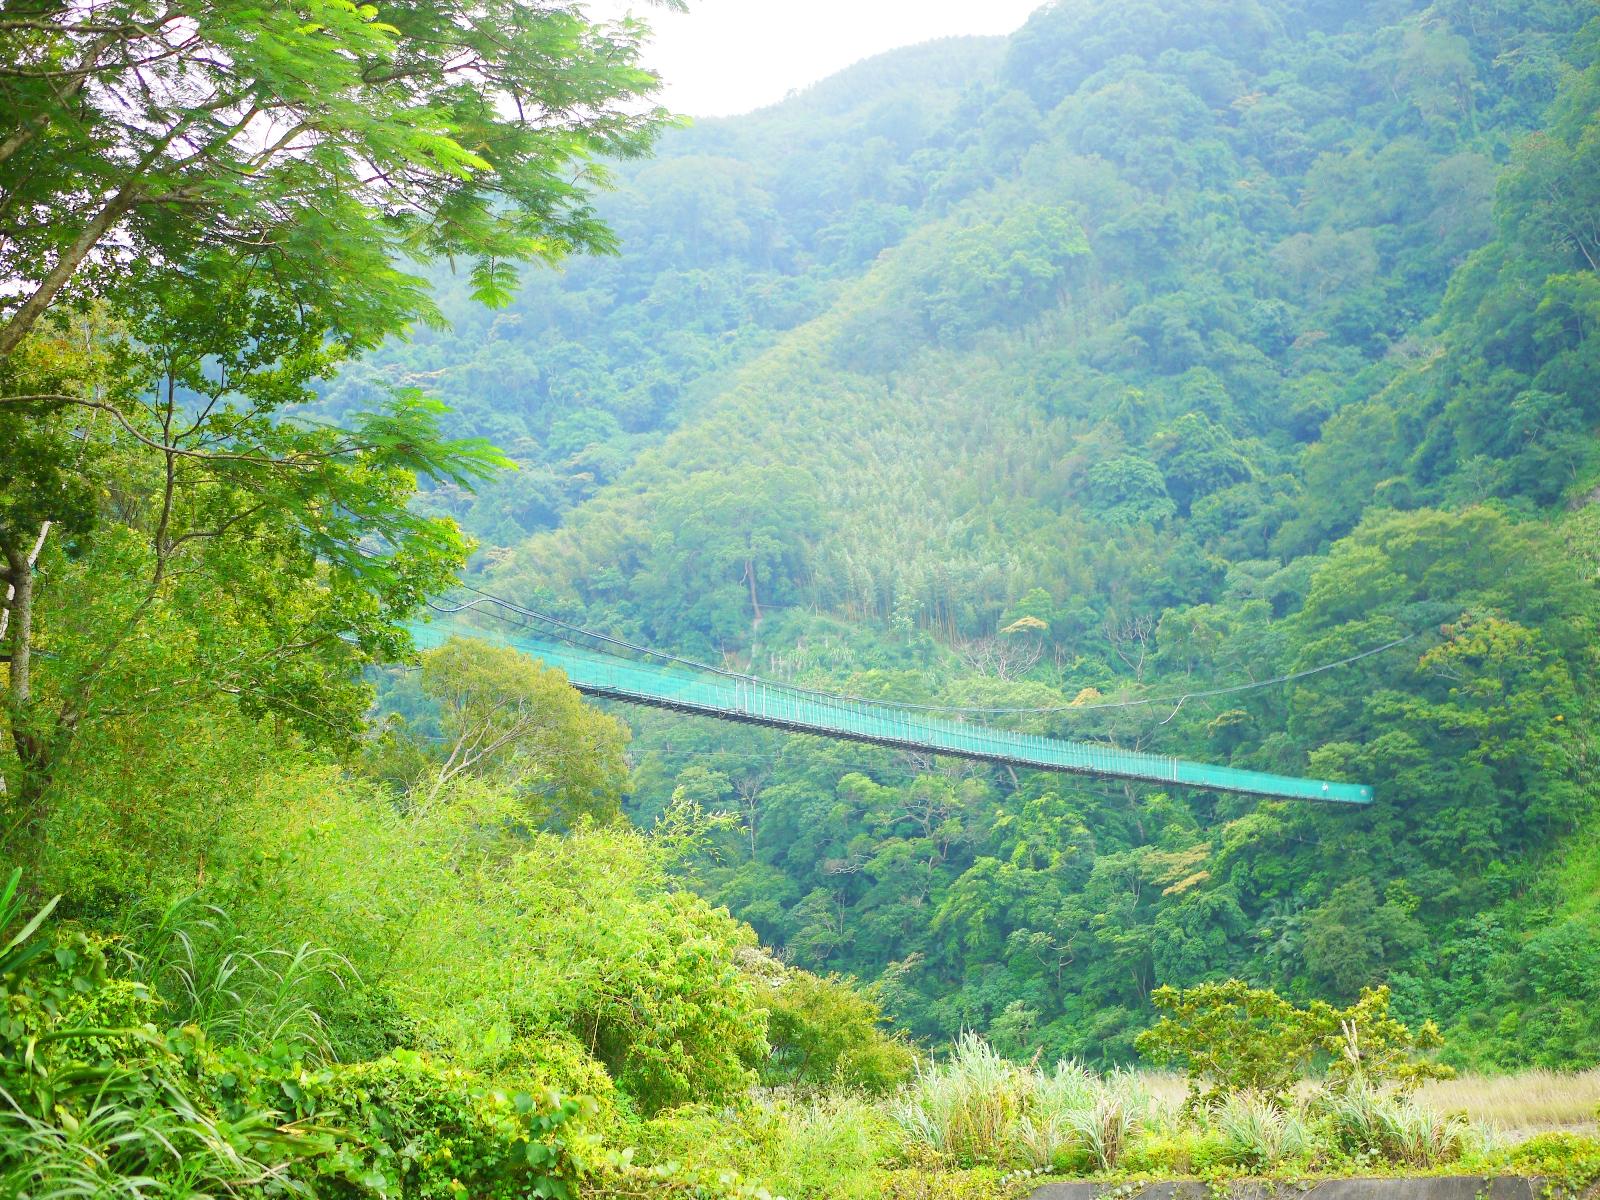 從停車處遠眺象鼻吊橋 | 險峻而高聳 | 秘境吊橋 | 群山環抱 | 千兩山 | Taian | Miaoli | 和風臺灣 | 巡日旅行攝 | RoundtripJp